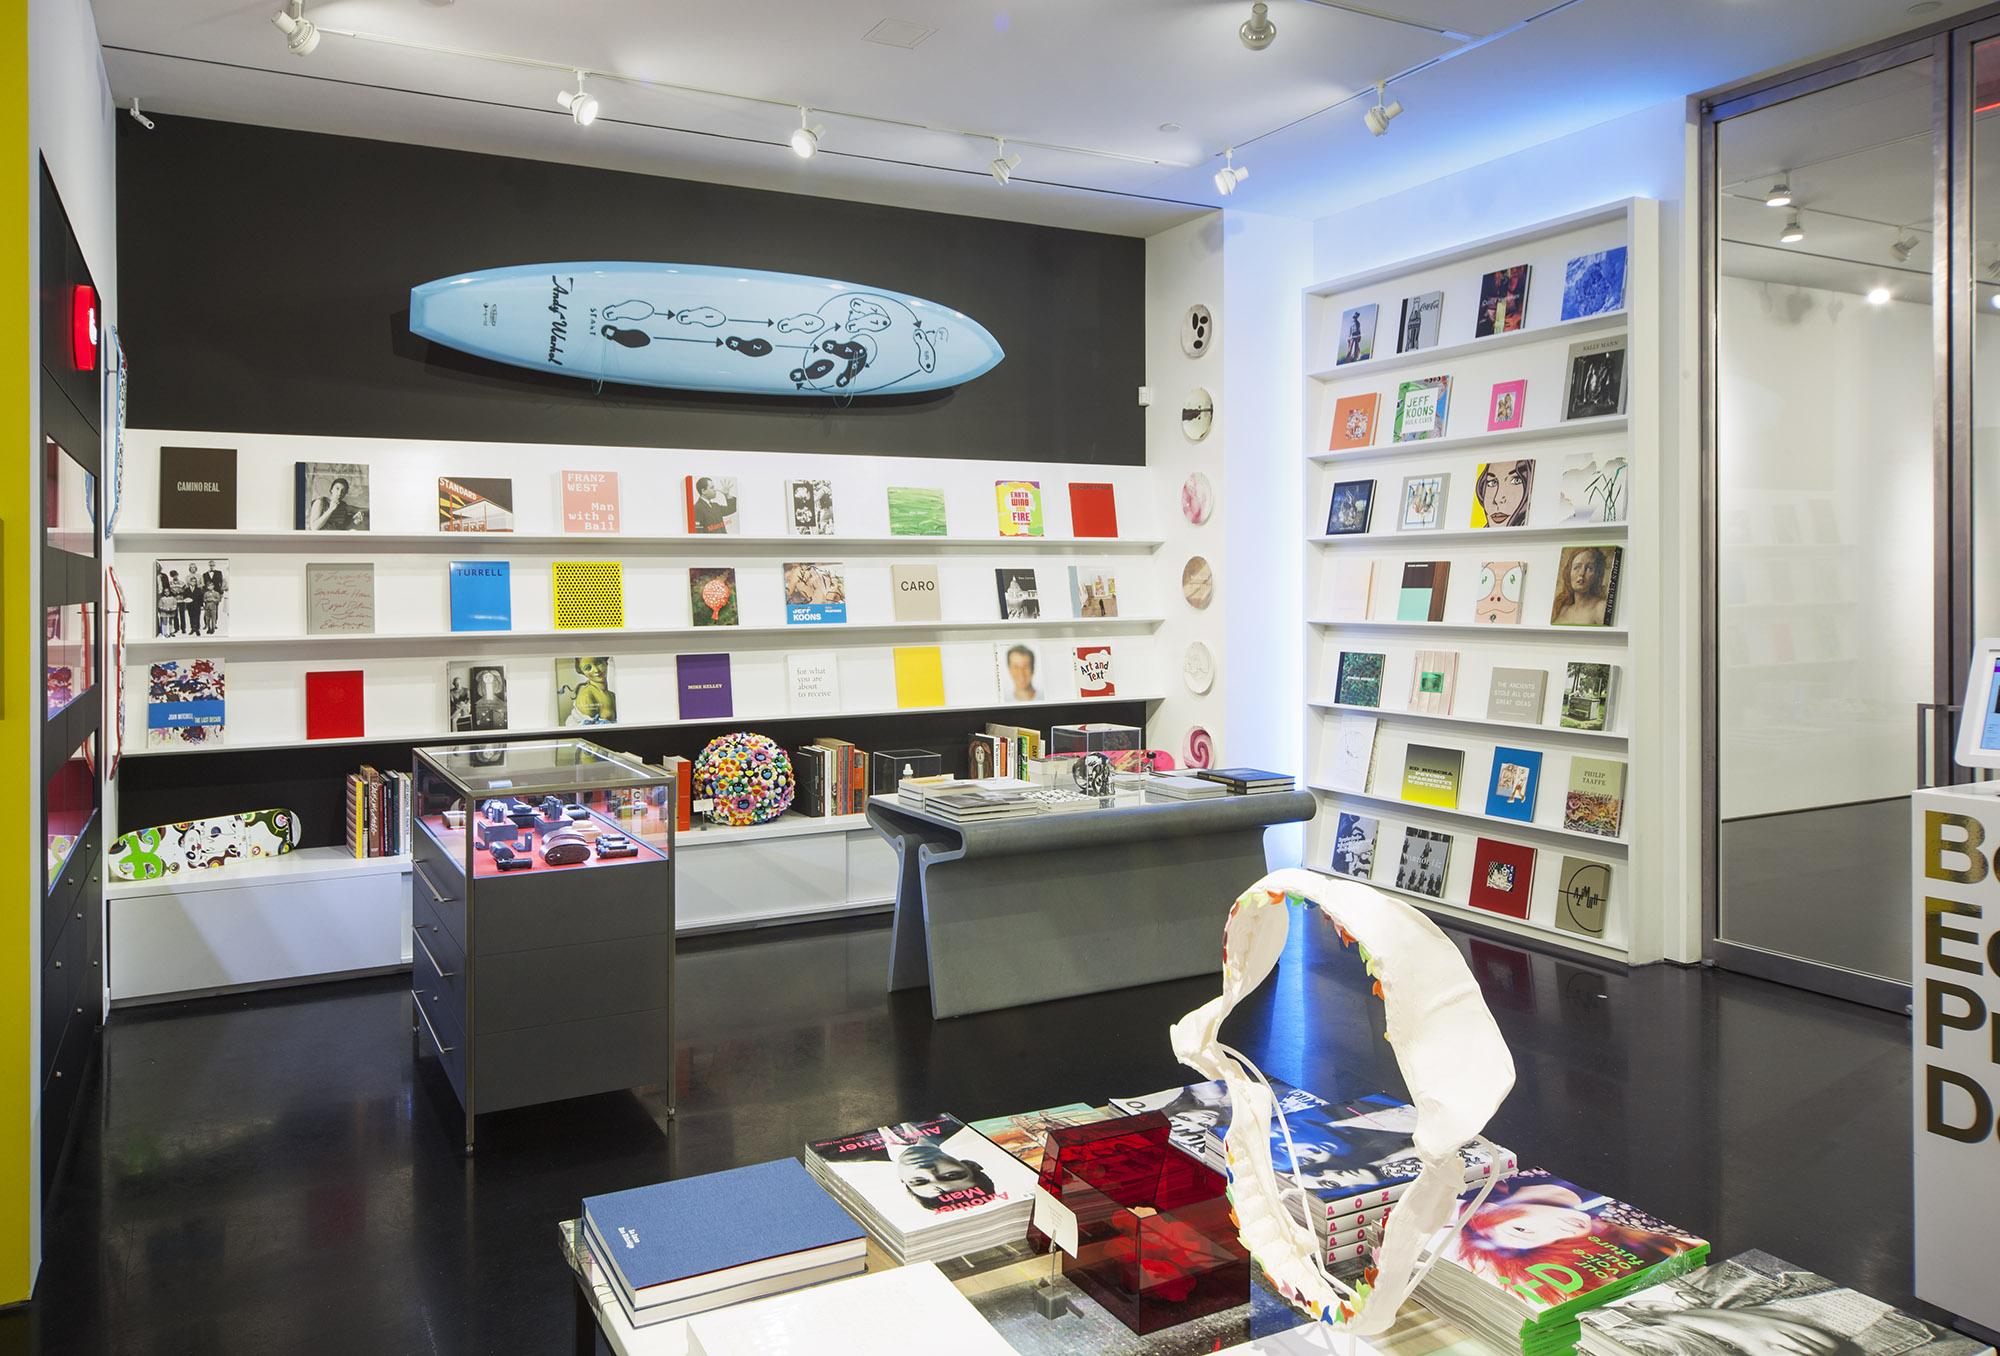 Store Interior 7 9 B.jpg